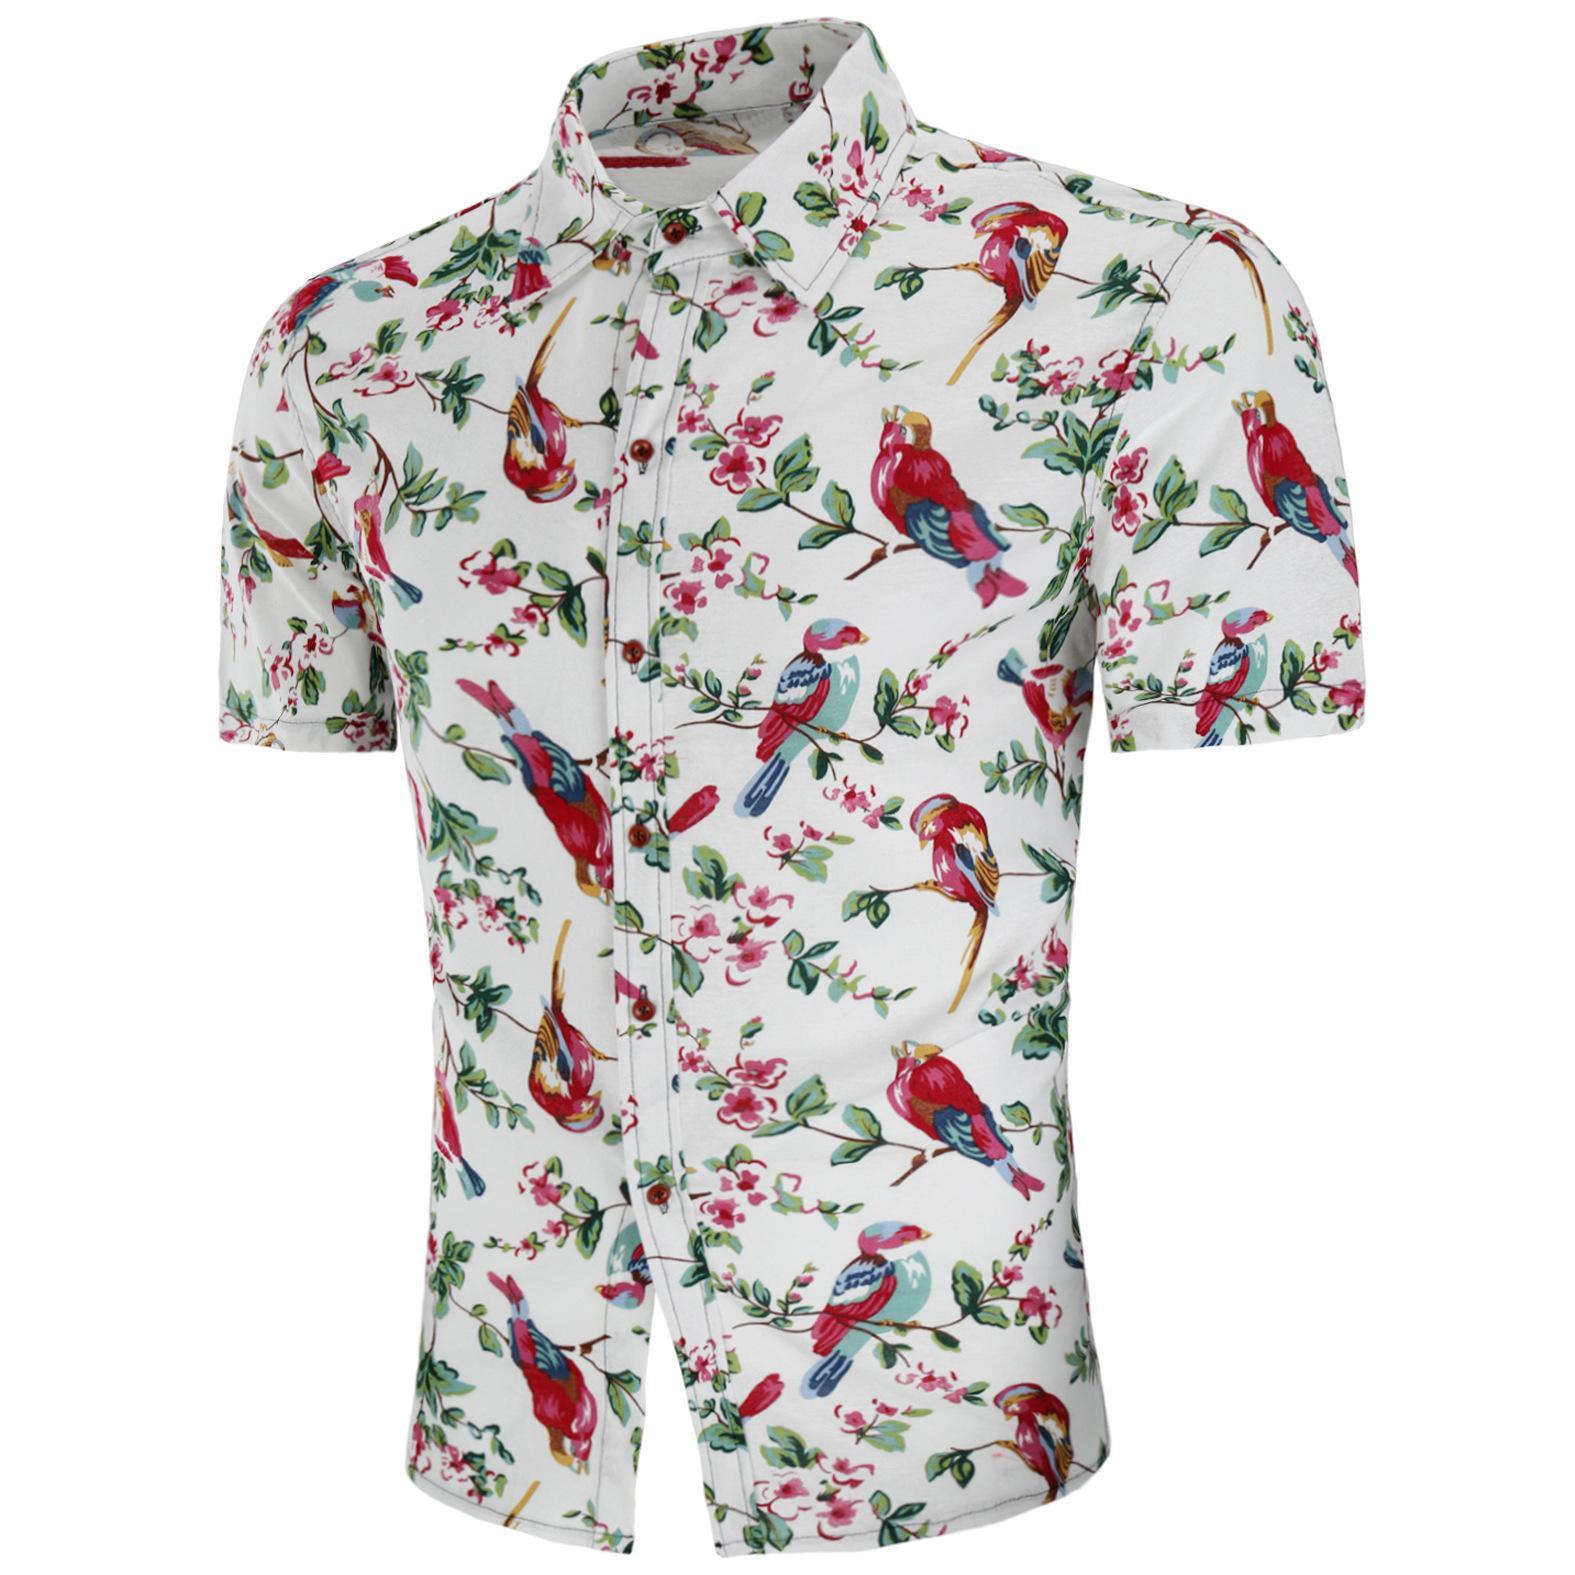 세련된 여름 새 여름 새 남성 반팔 셔츠 린넨 셔츠 레저 및 편안한 돈